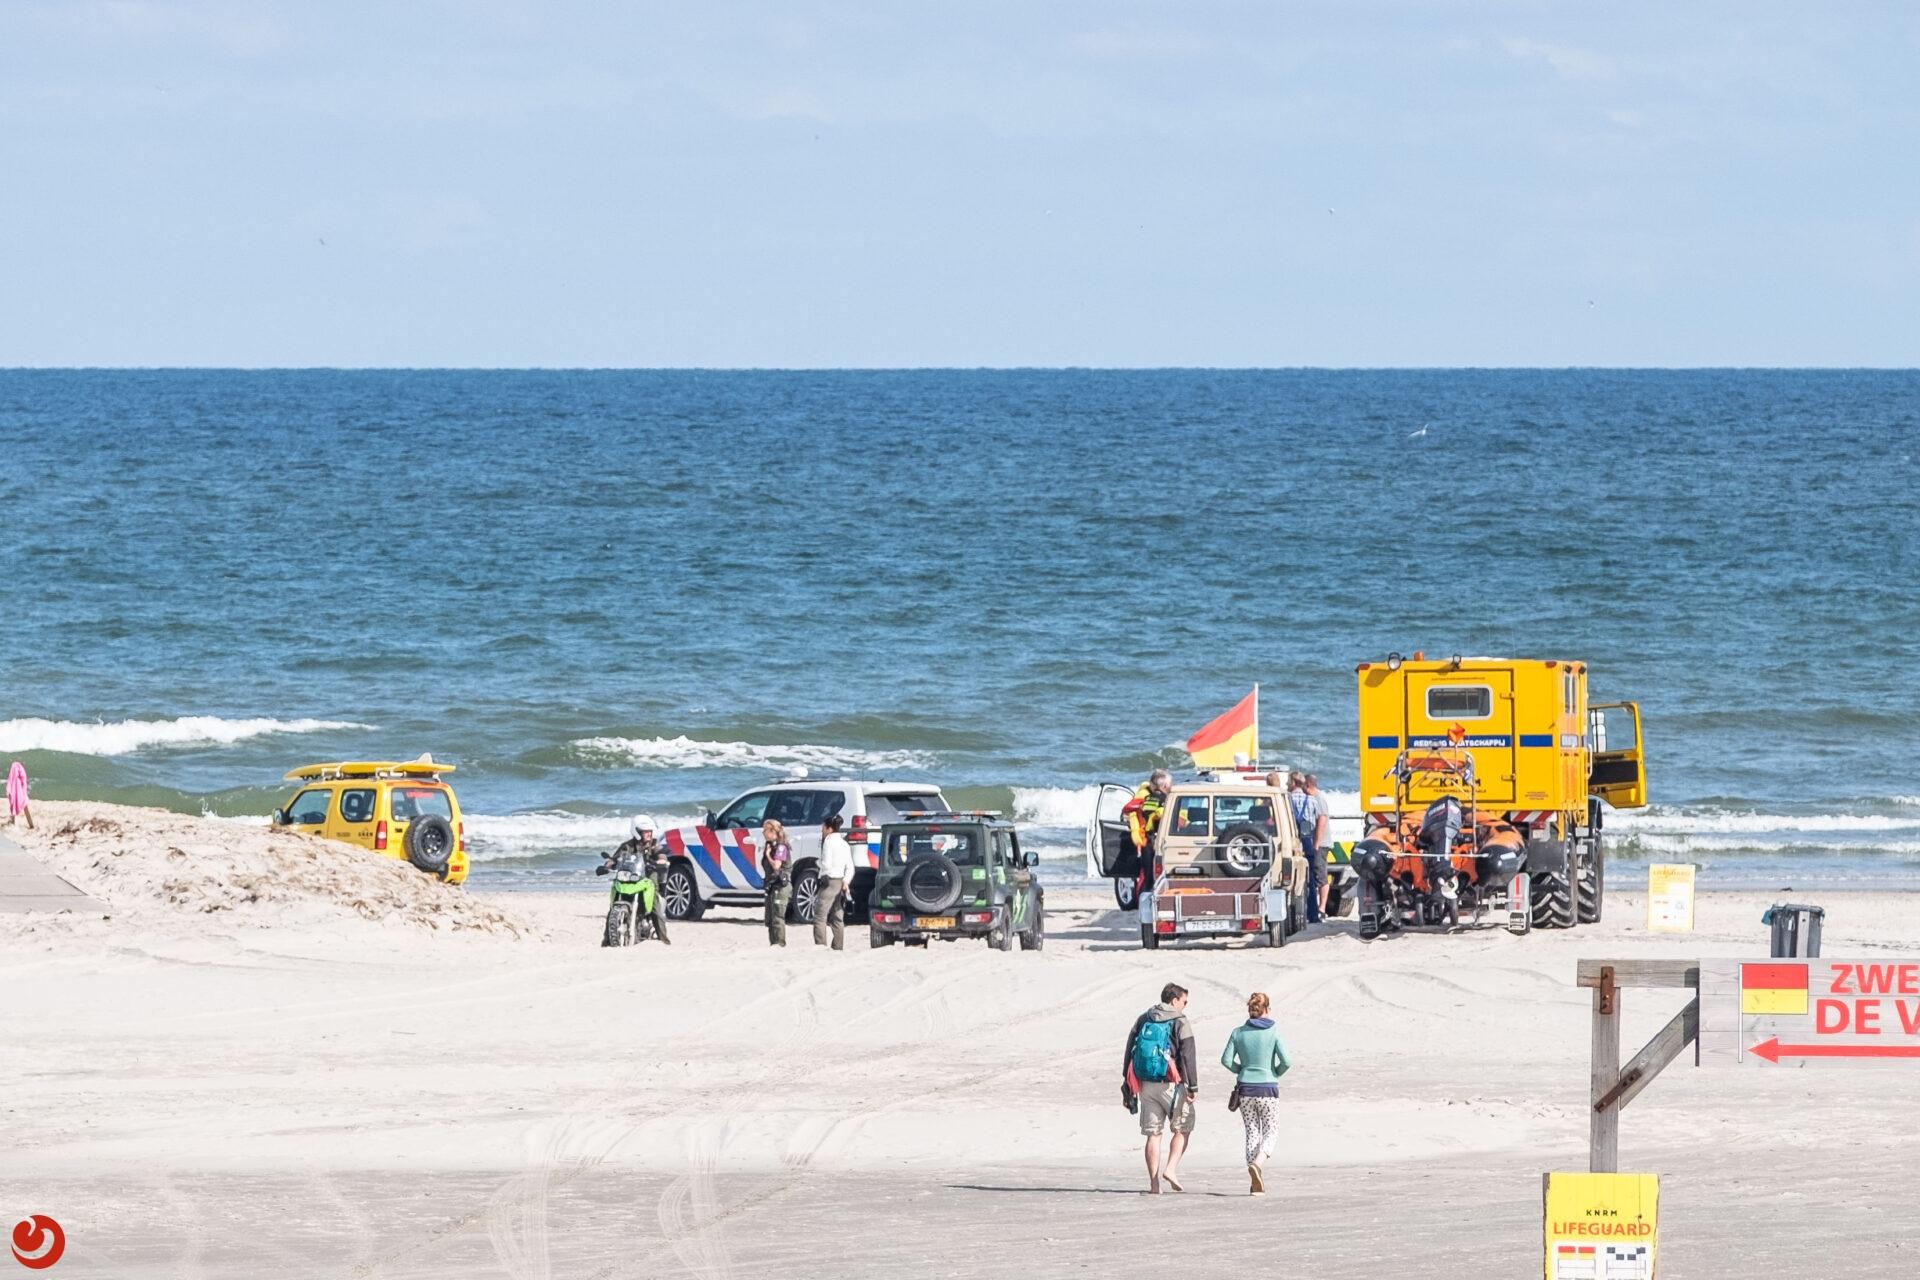 Aangespoelde lichaam op strand Terschelling van overboord geslagen man cruiseschip